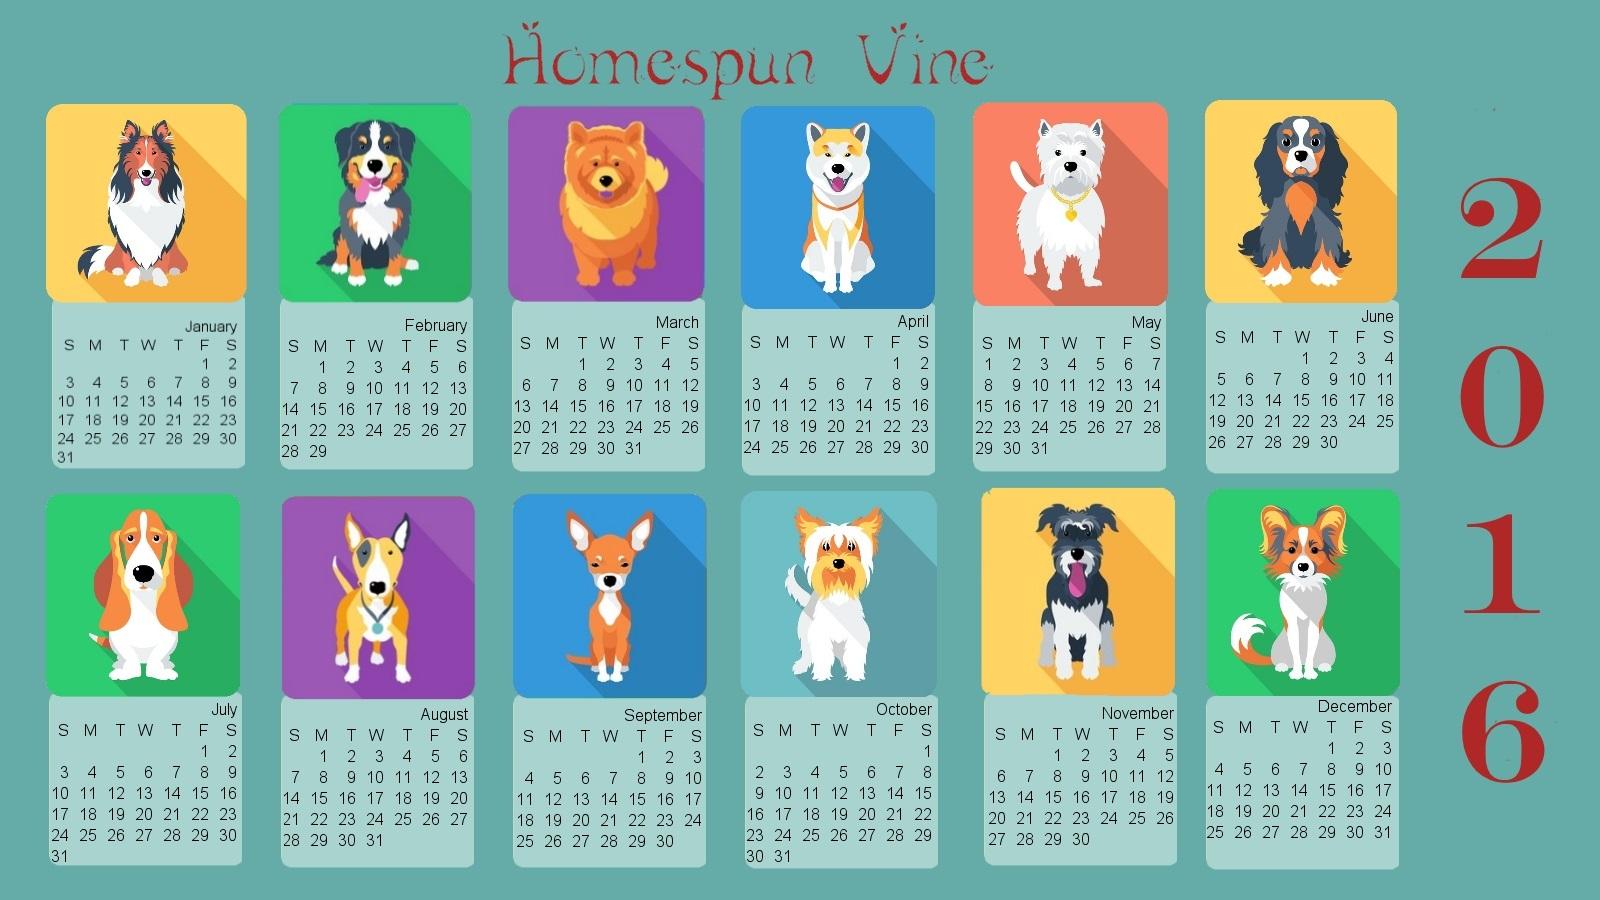 2016 Wallpaper Calendar Calendar Template 2016 1600x900